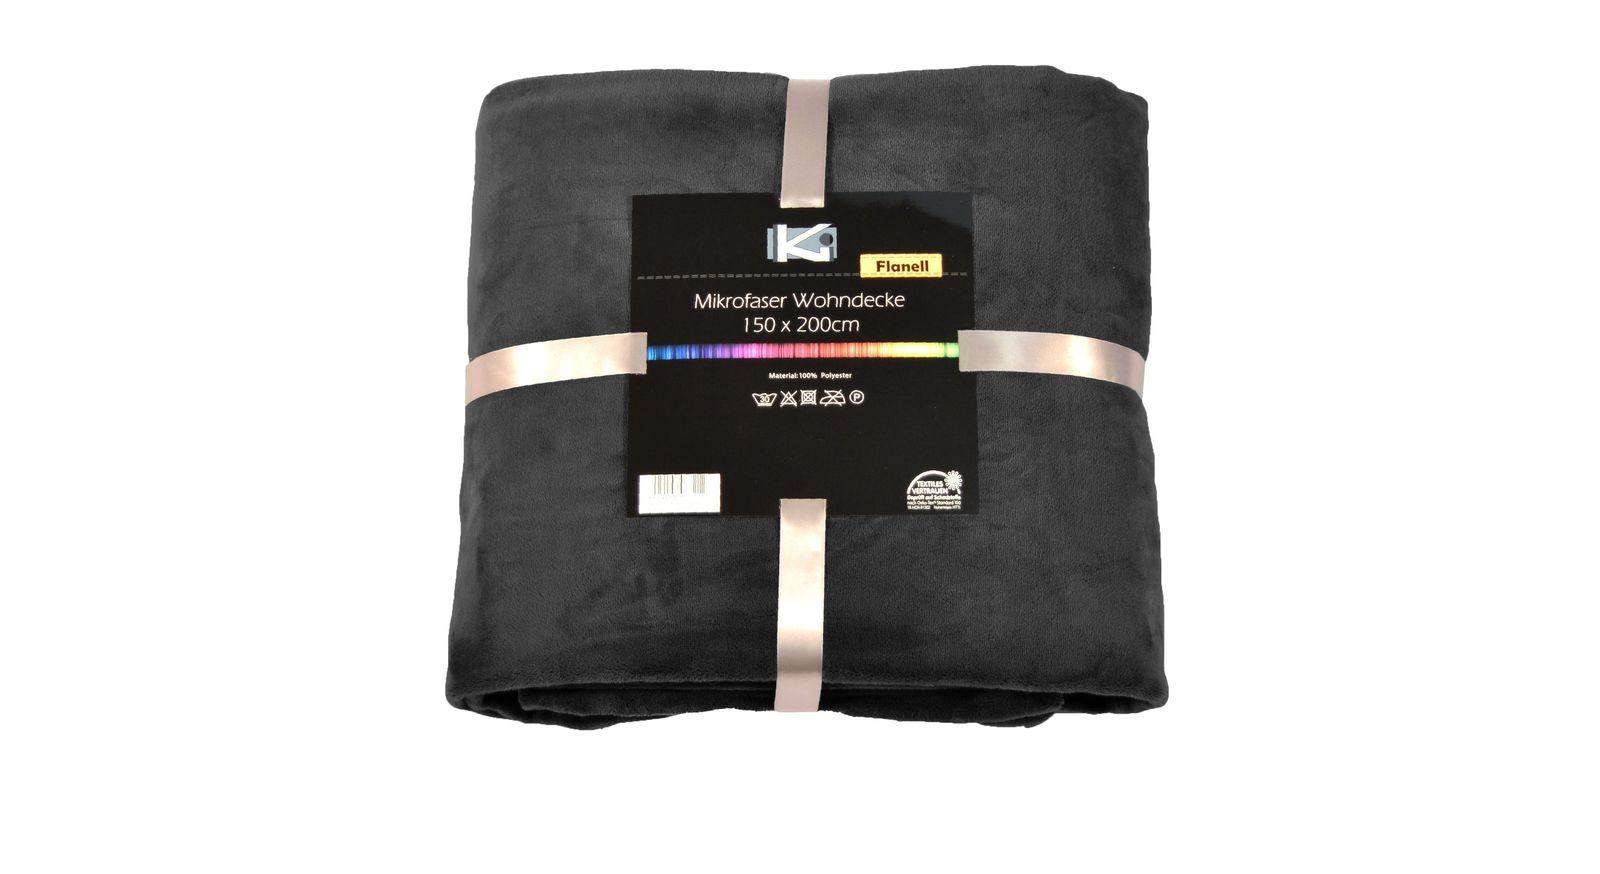 Anthrazitfarbene Kuscheldecke Tavira mit Seidenband-Verpackung